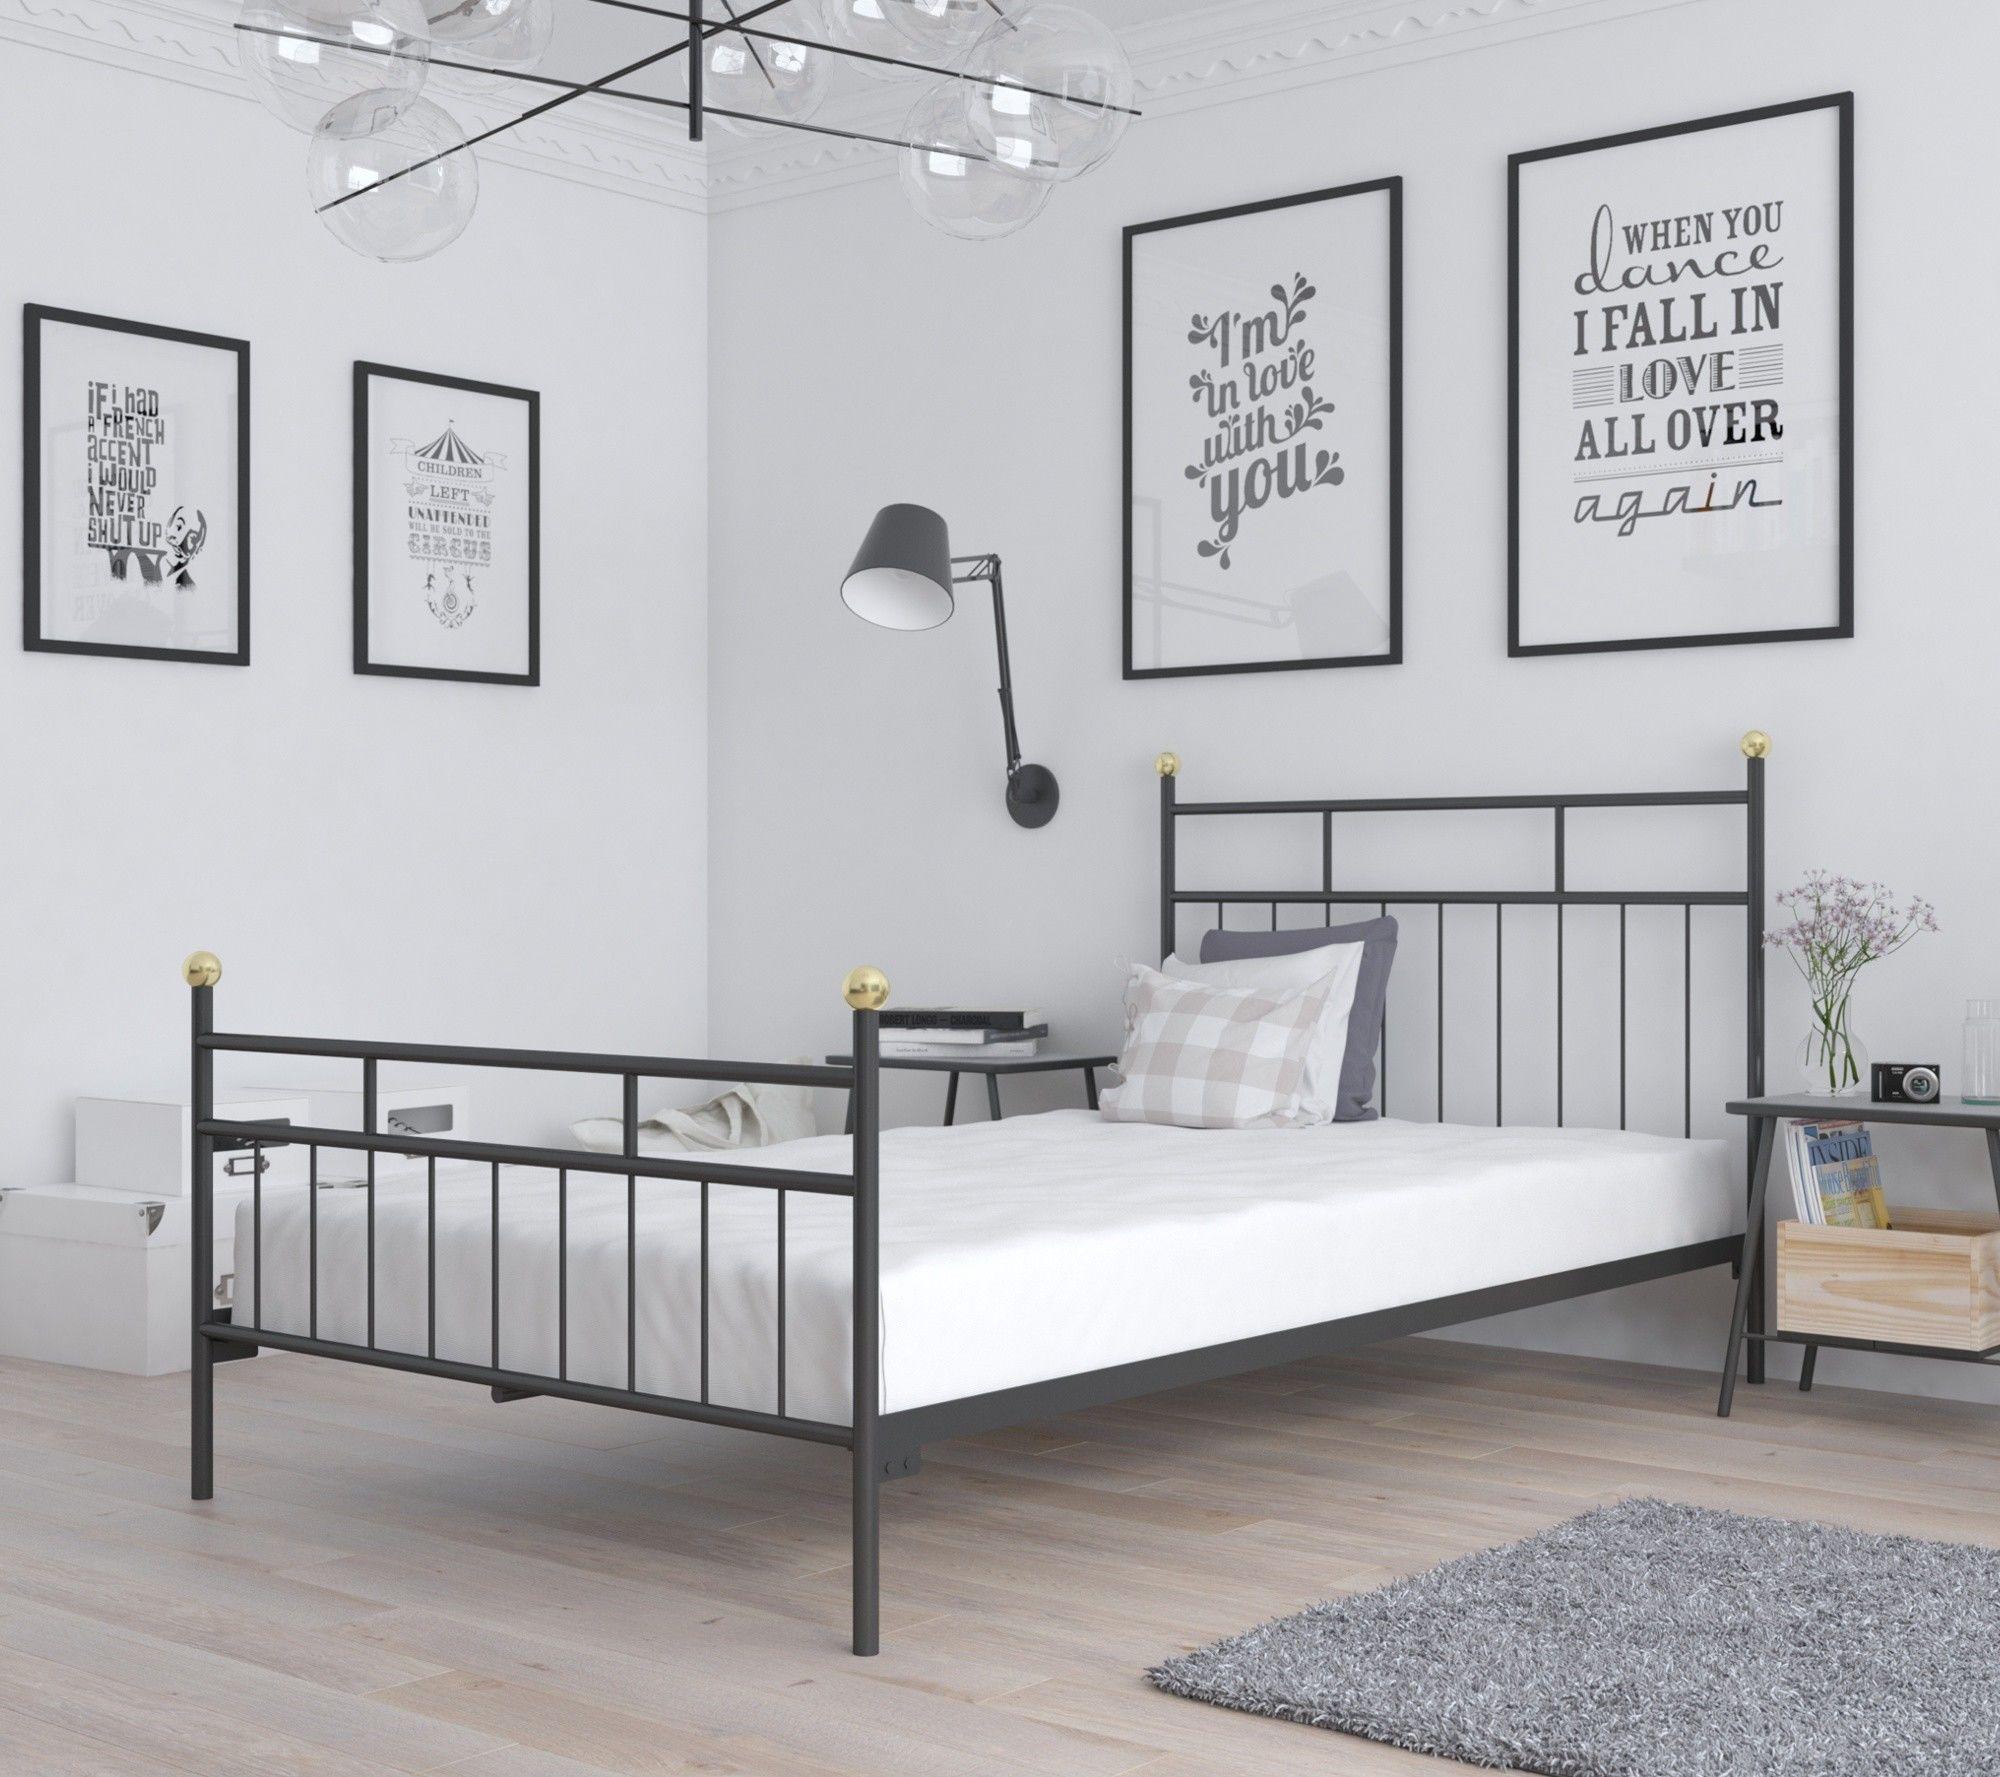 Łóżko metalowe sypialniane 90x200 wzór 27 ze stelażem